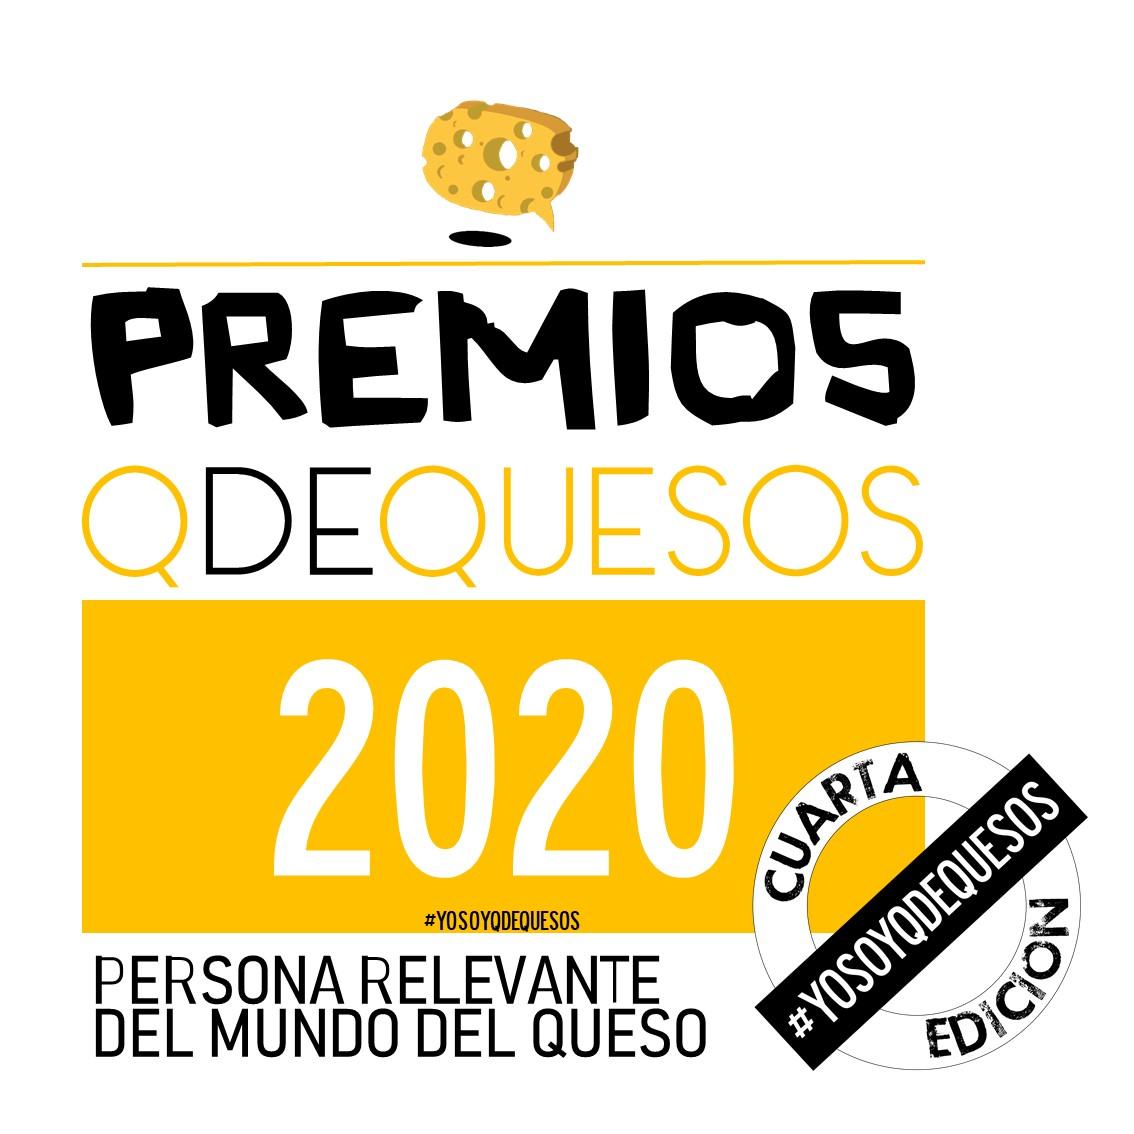 QdeQuesos_2020PERSONA